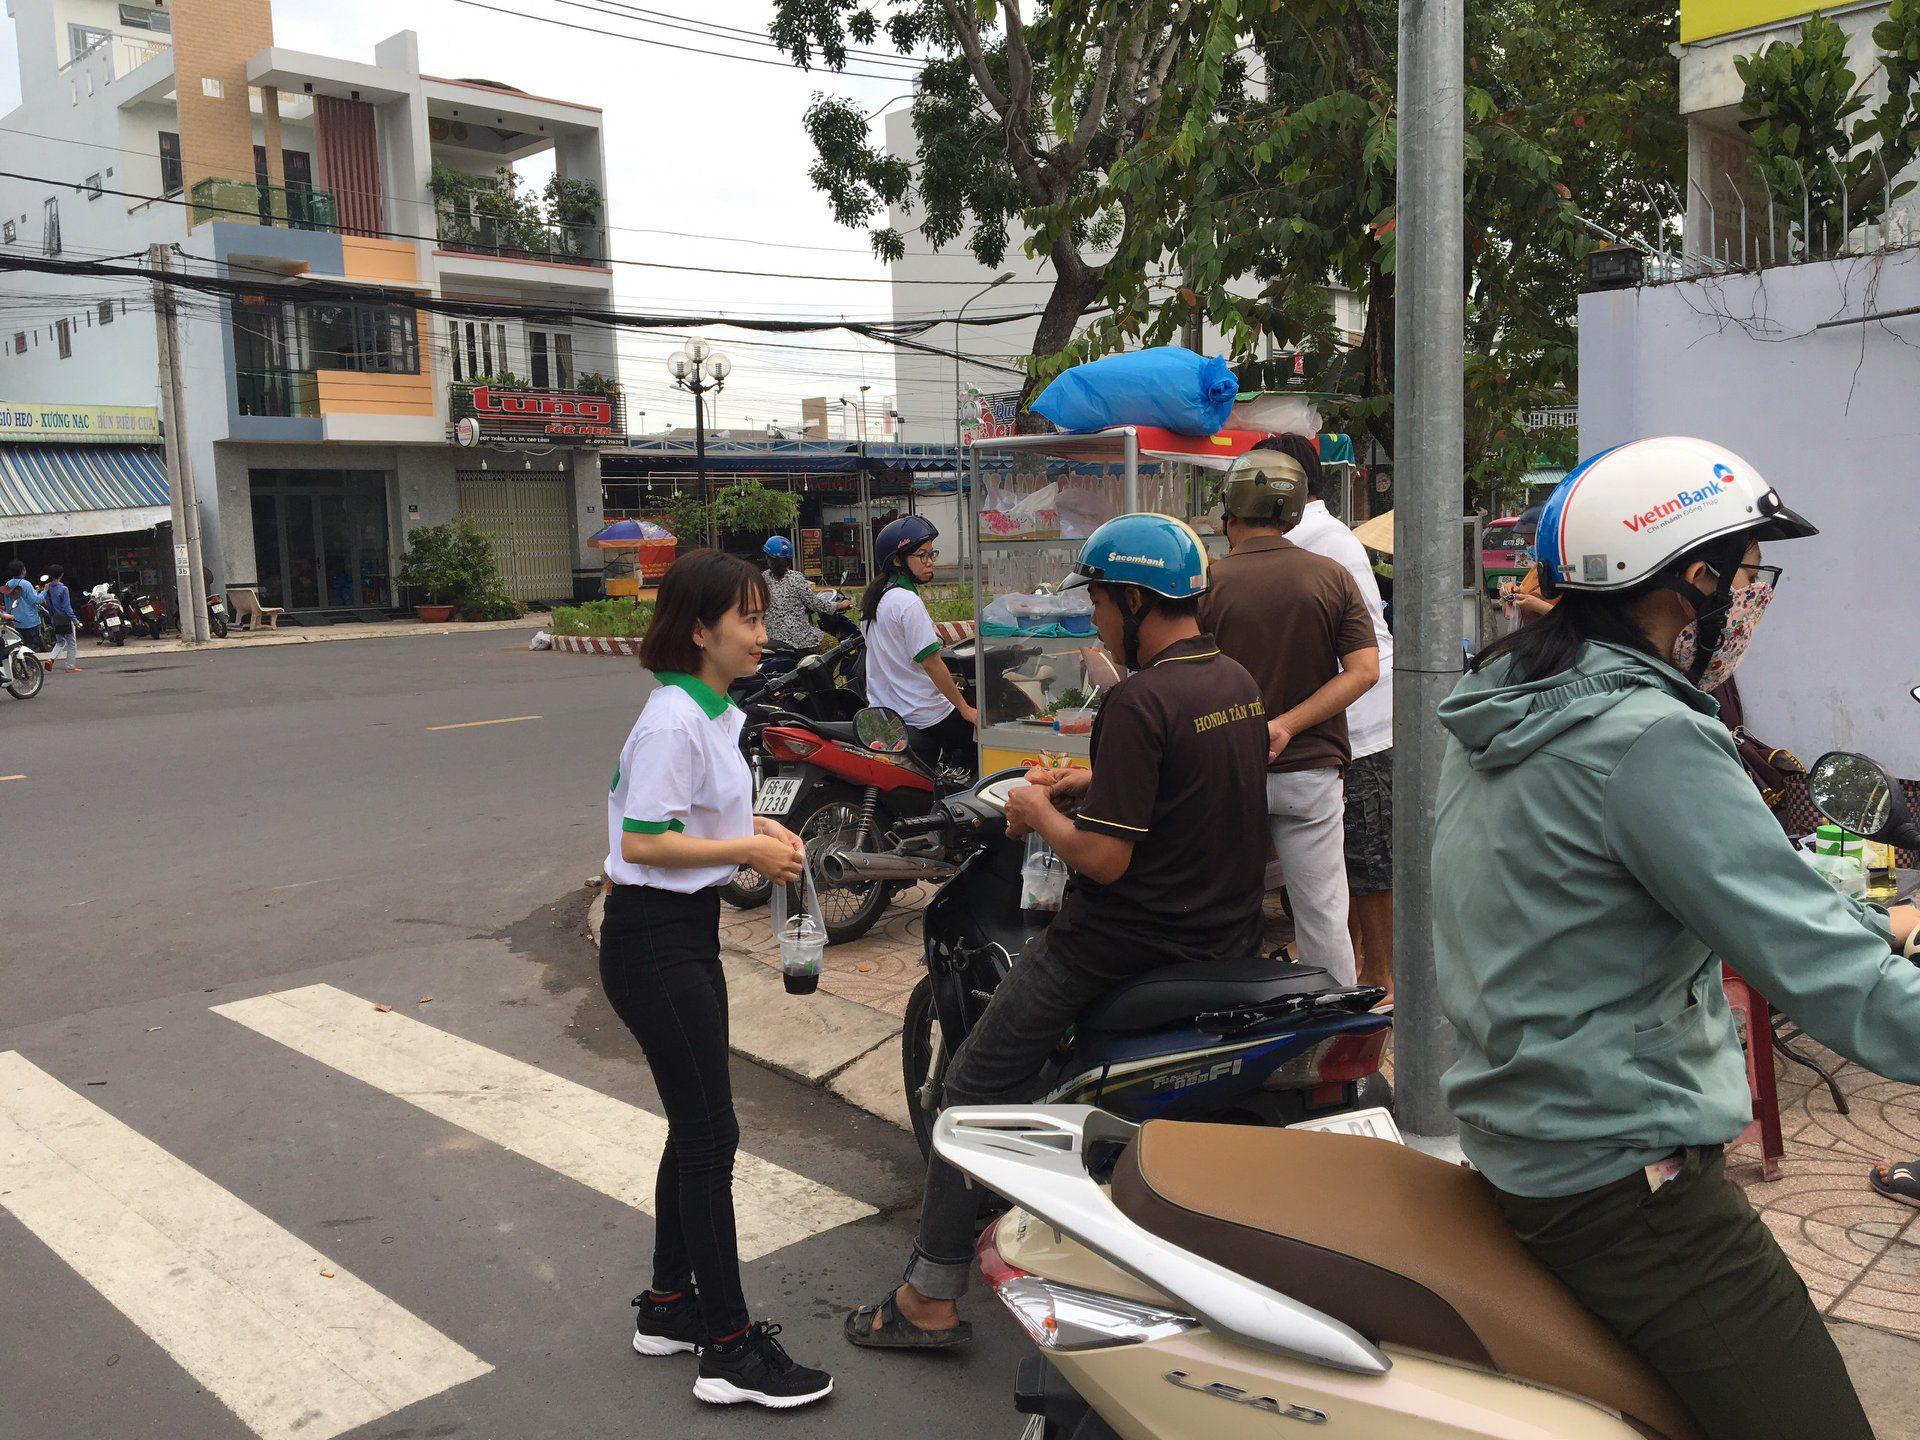 67160480 898765937127197 1302591141958385664 o - 2 Brothers Coffee - Quán cafe hot nhất Cao Lãnh - Đồng Tháp